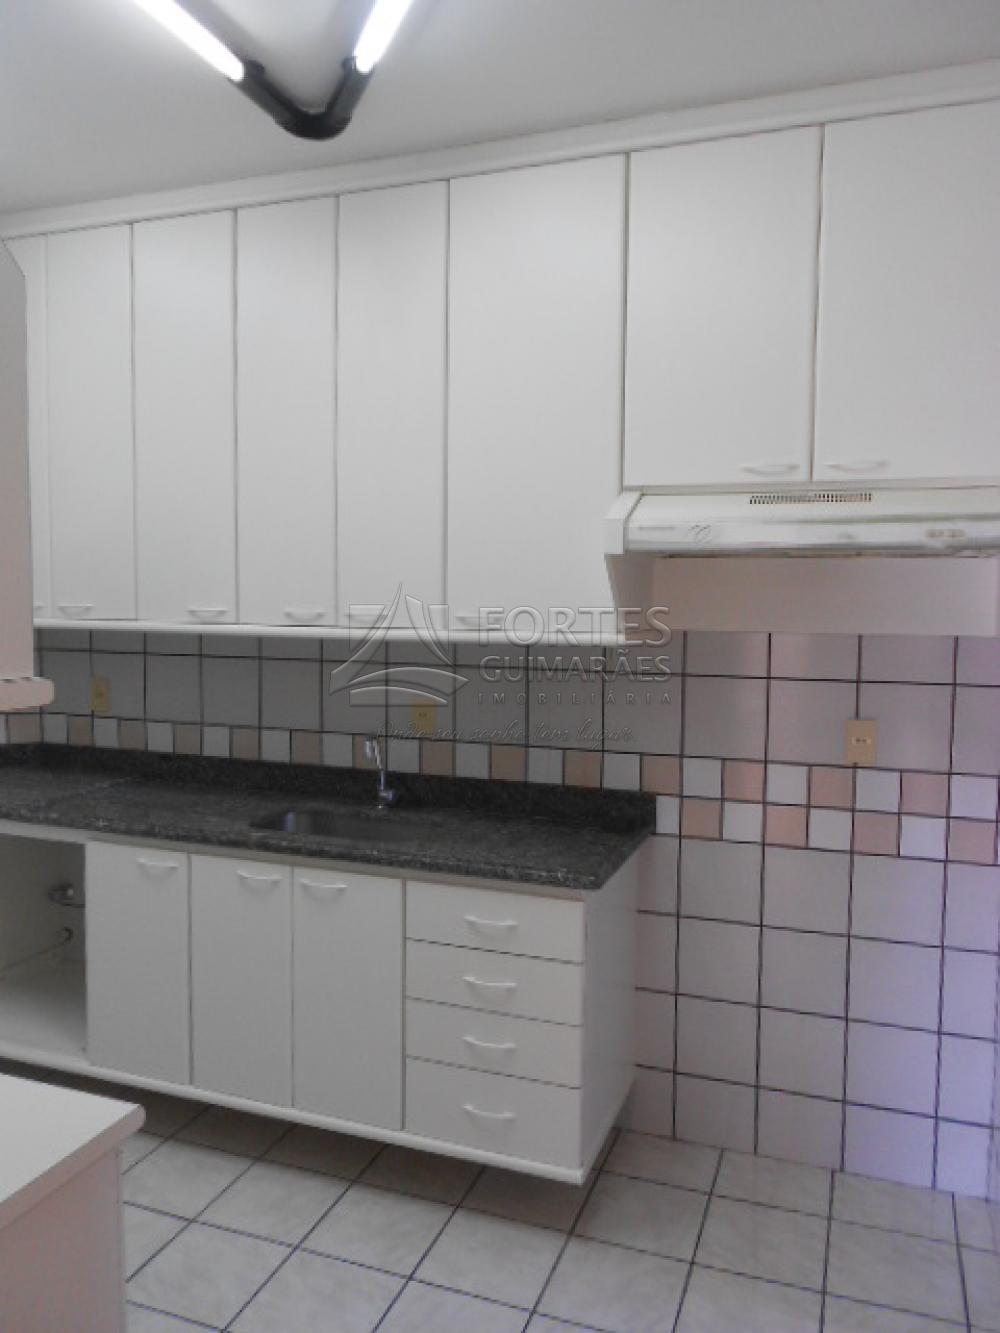 Alugar Apartamentos / Padrão em Ribeirão Preto apenas R$ 1.100,00 - Foto 27